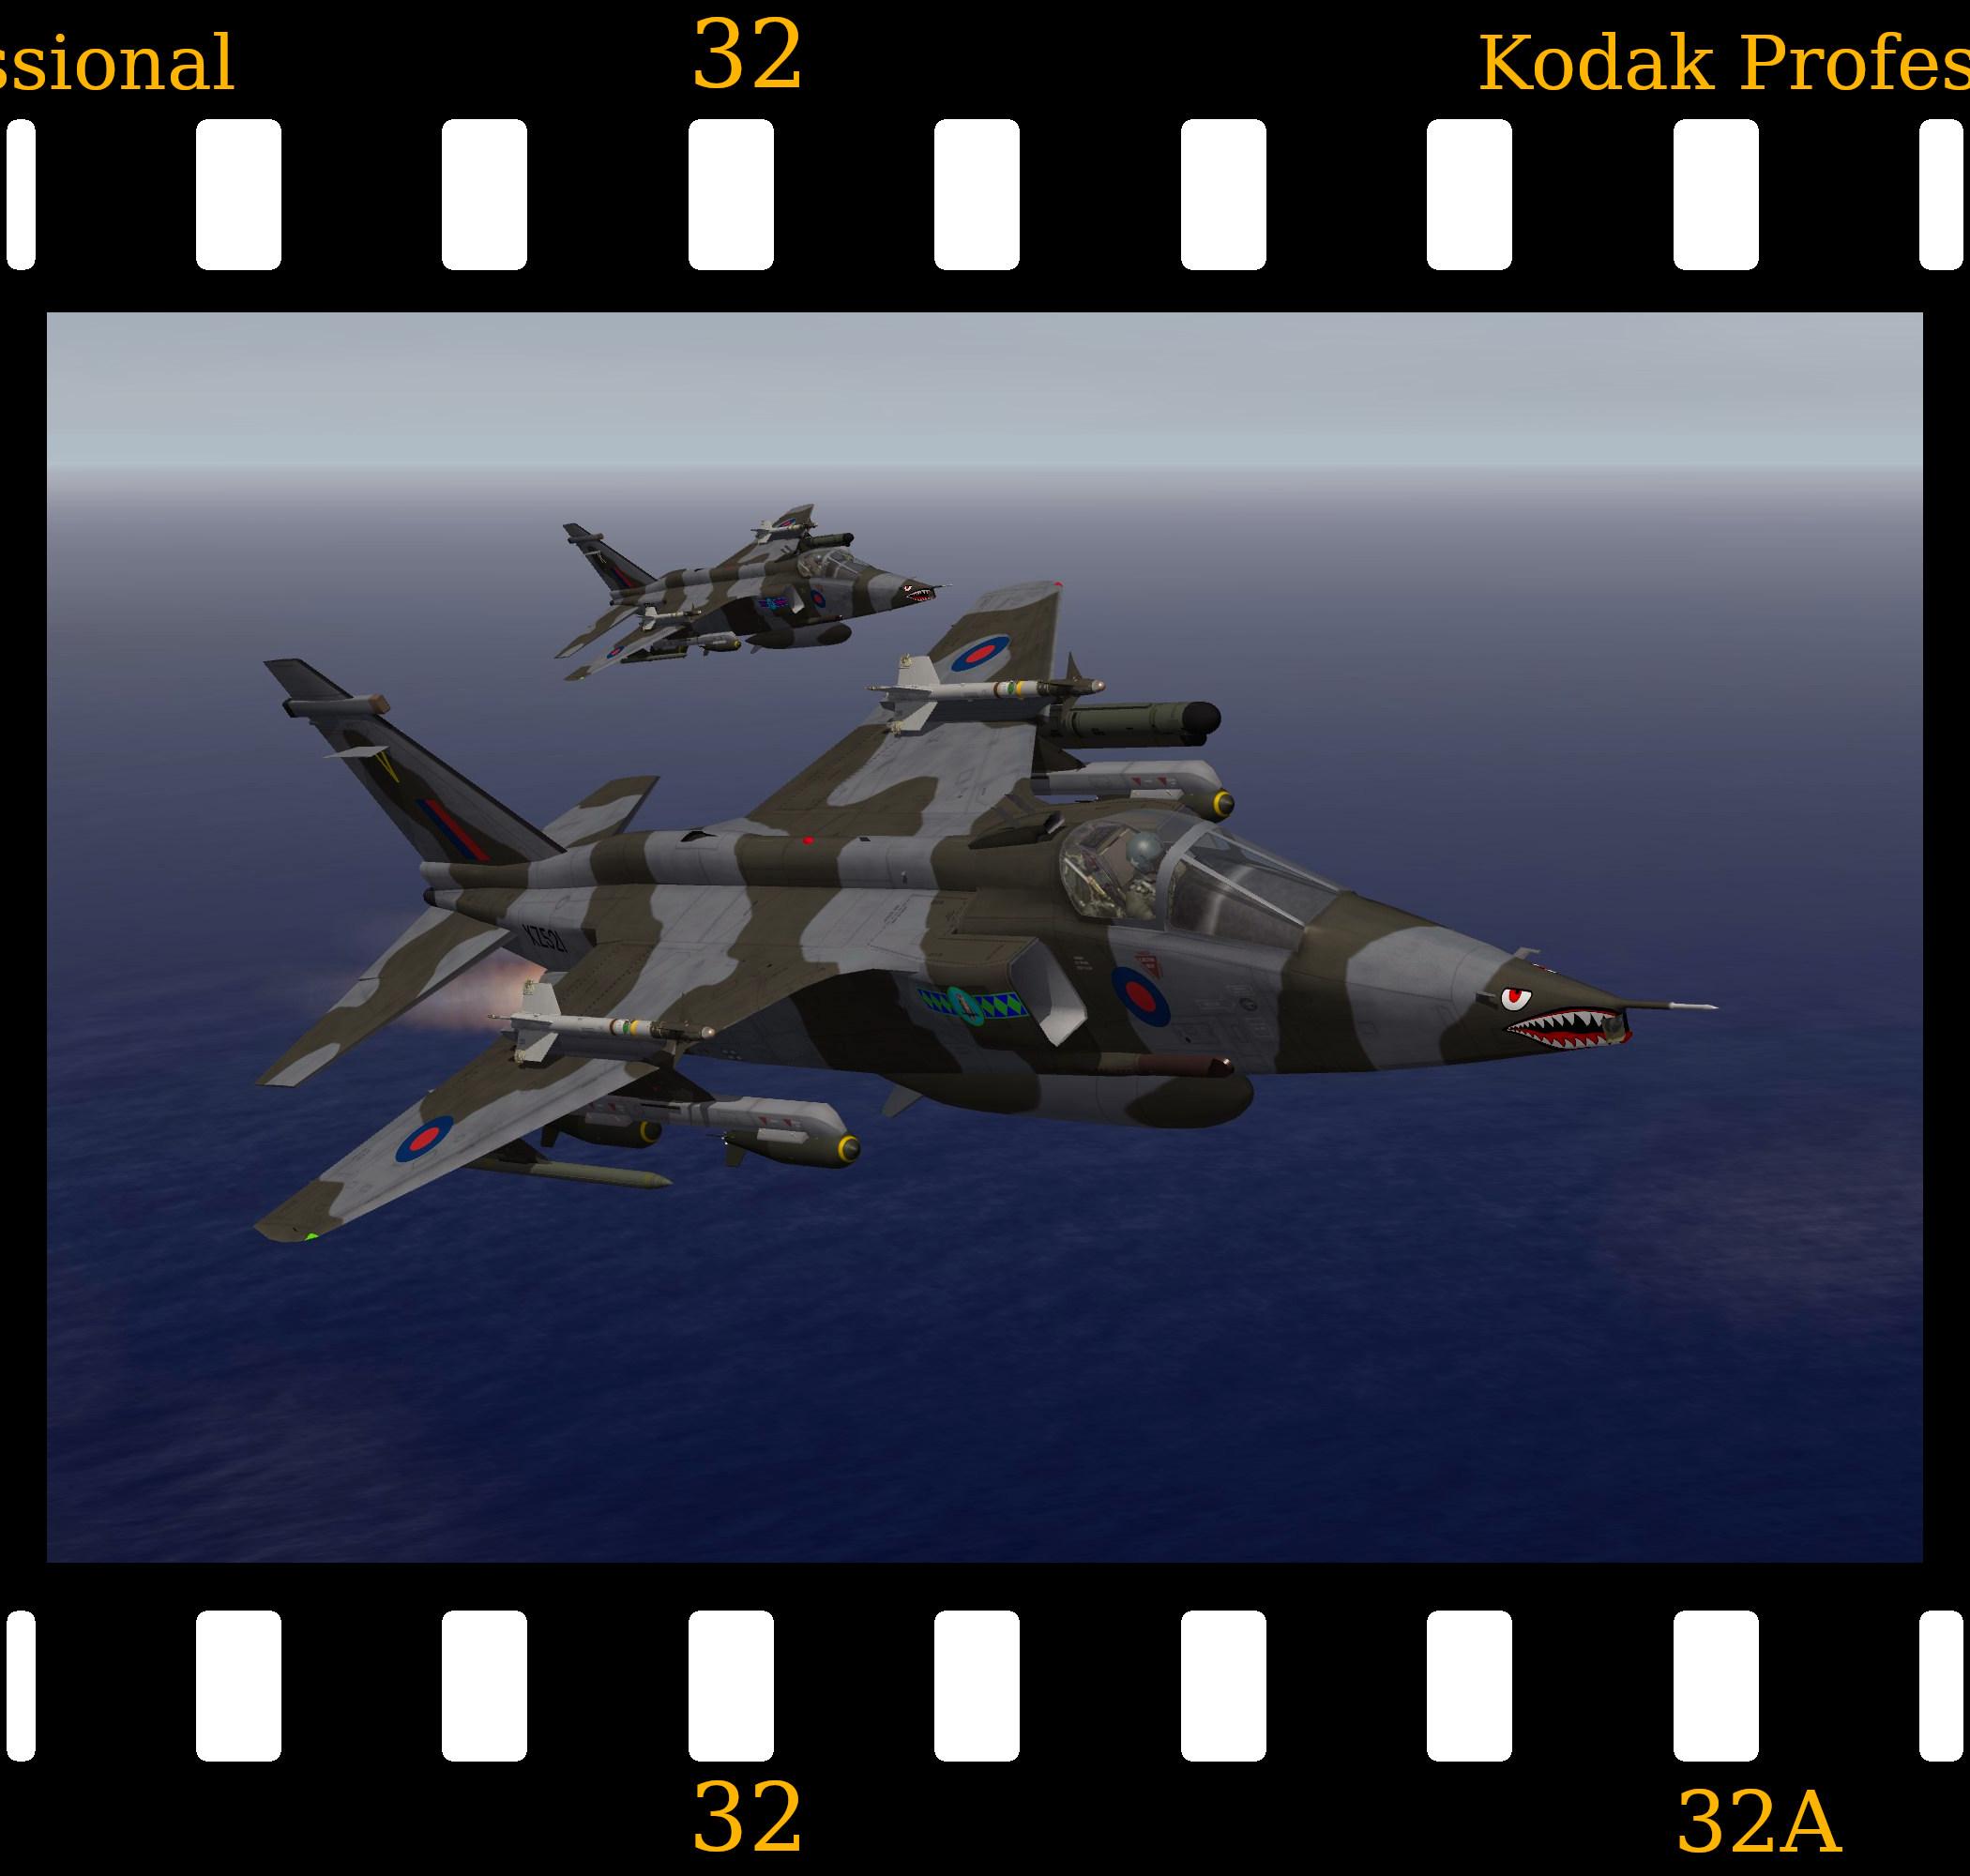 [Fictional] RAF SEPECAT Jaguar FGR.3